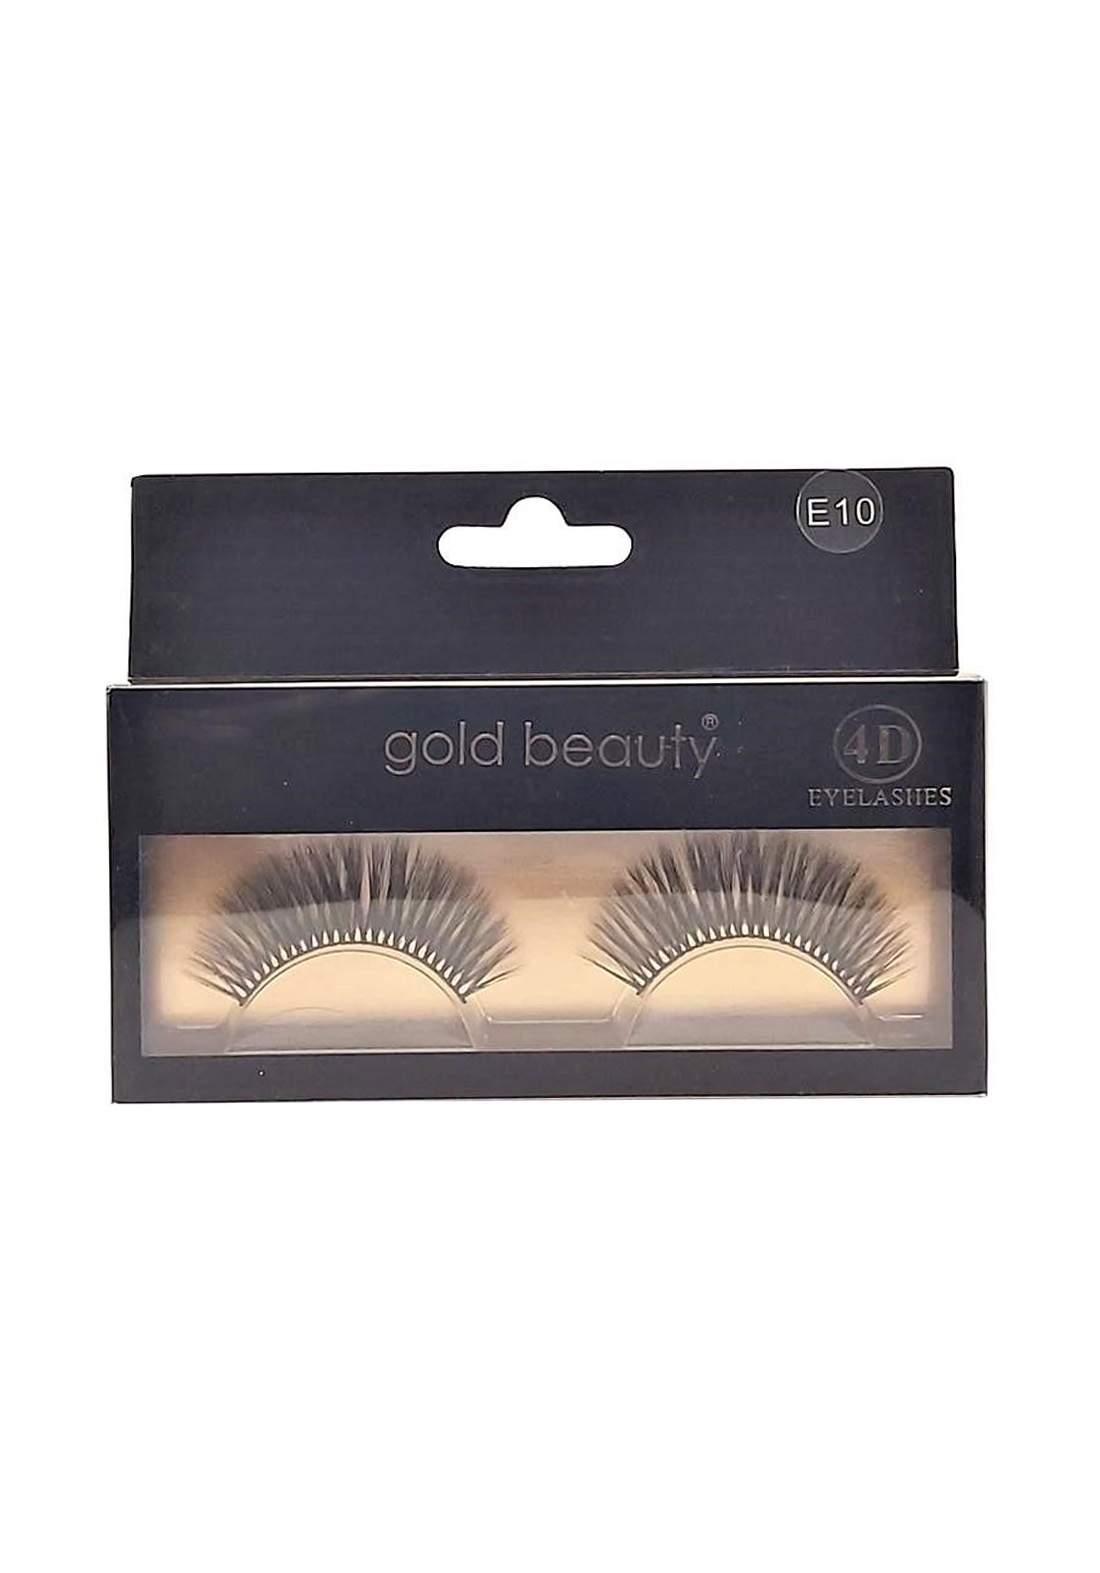 Gold Beauty E10 4D Eyelashes False Eyelashes رموش صناعية